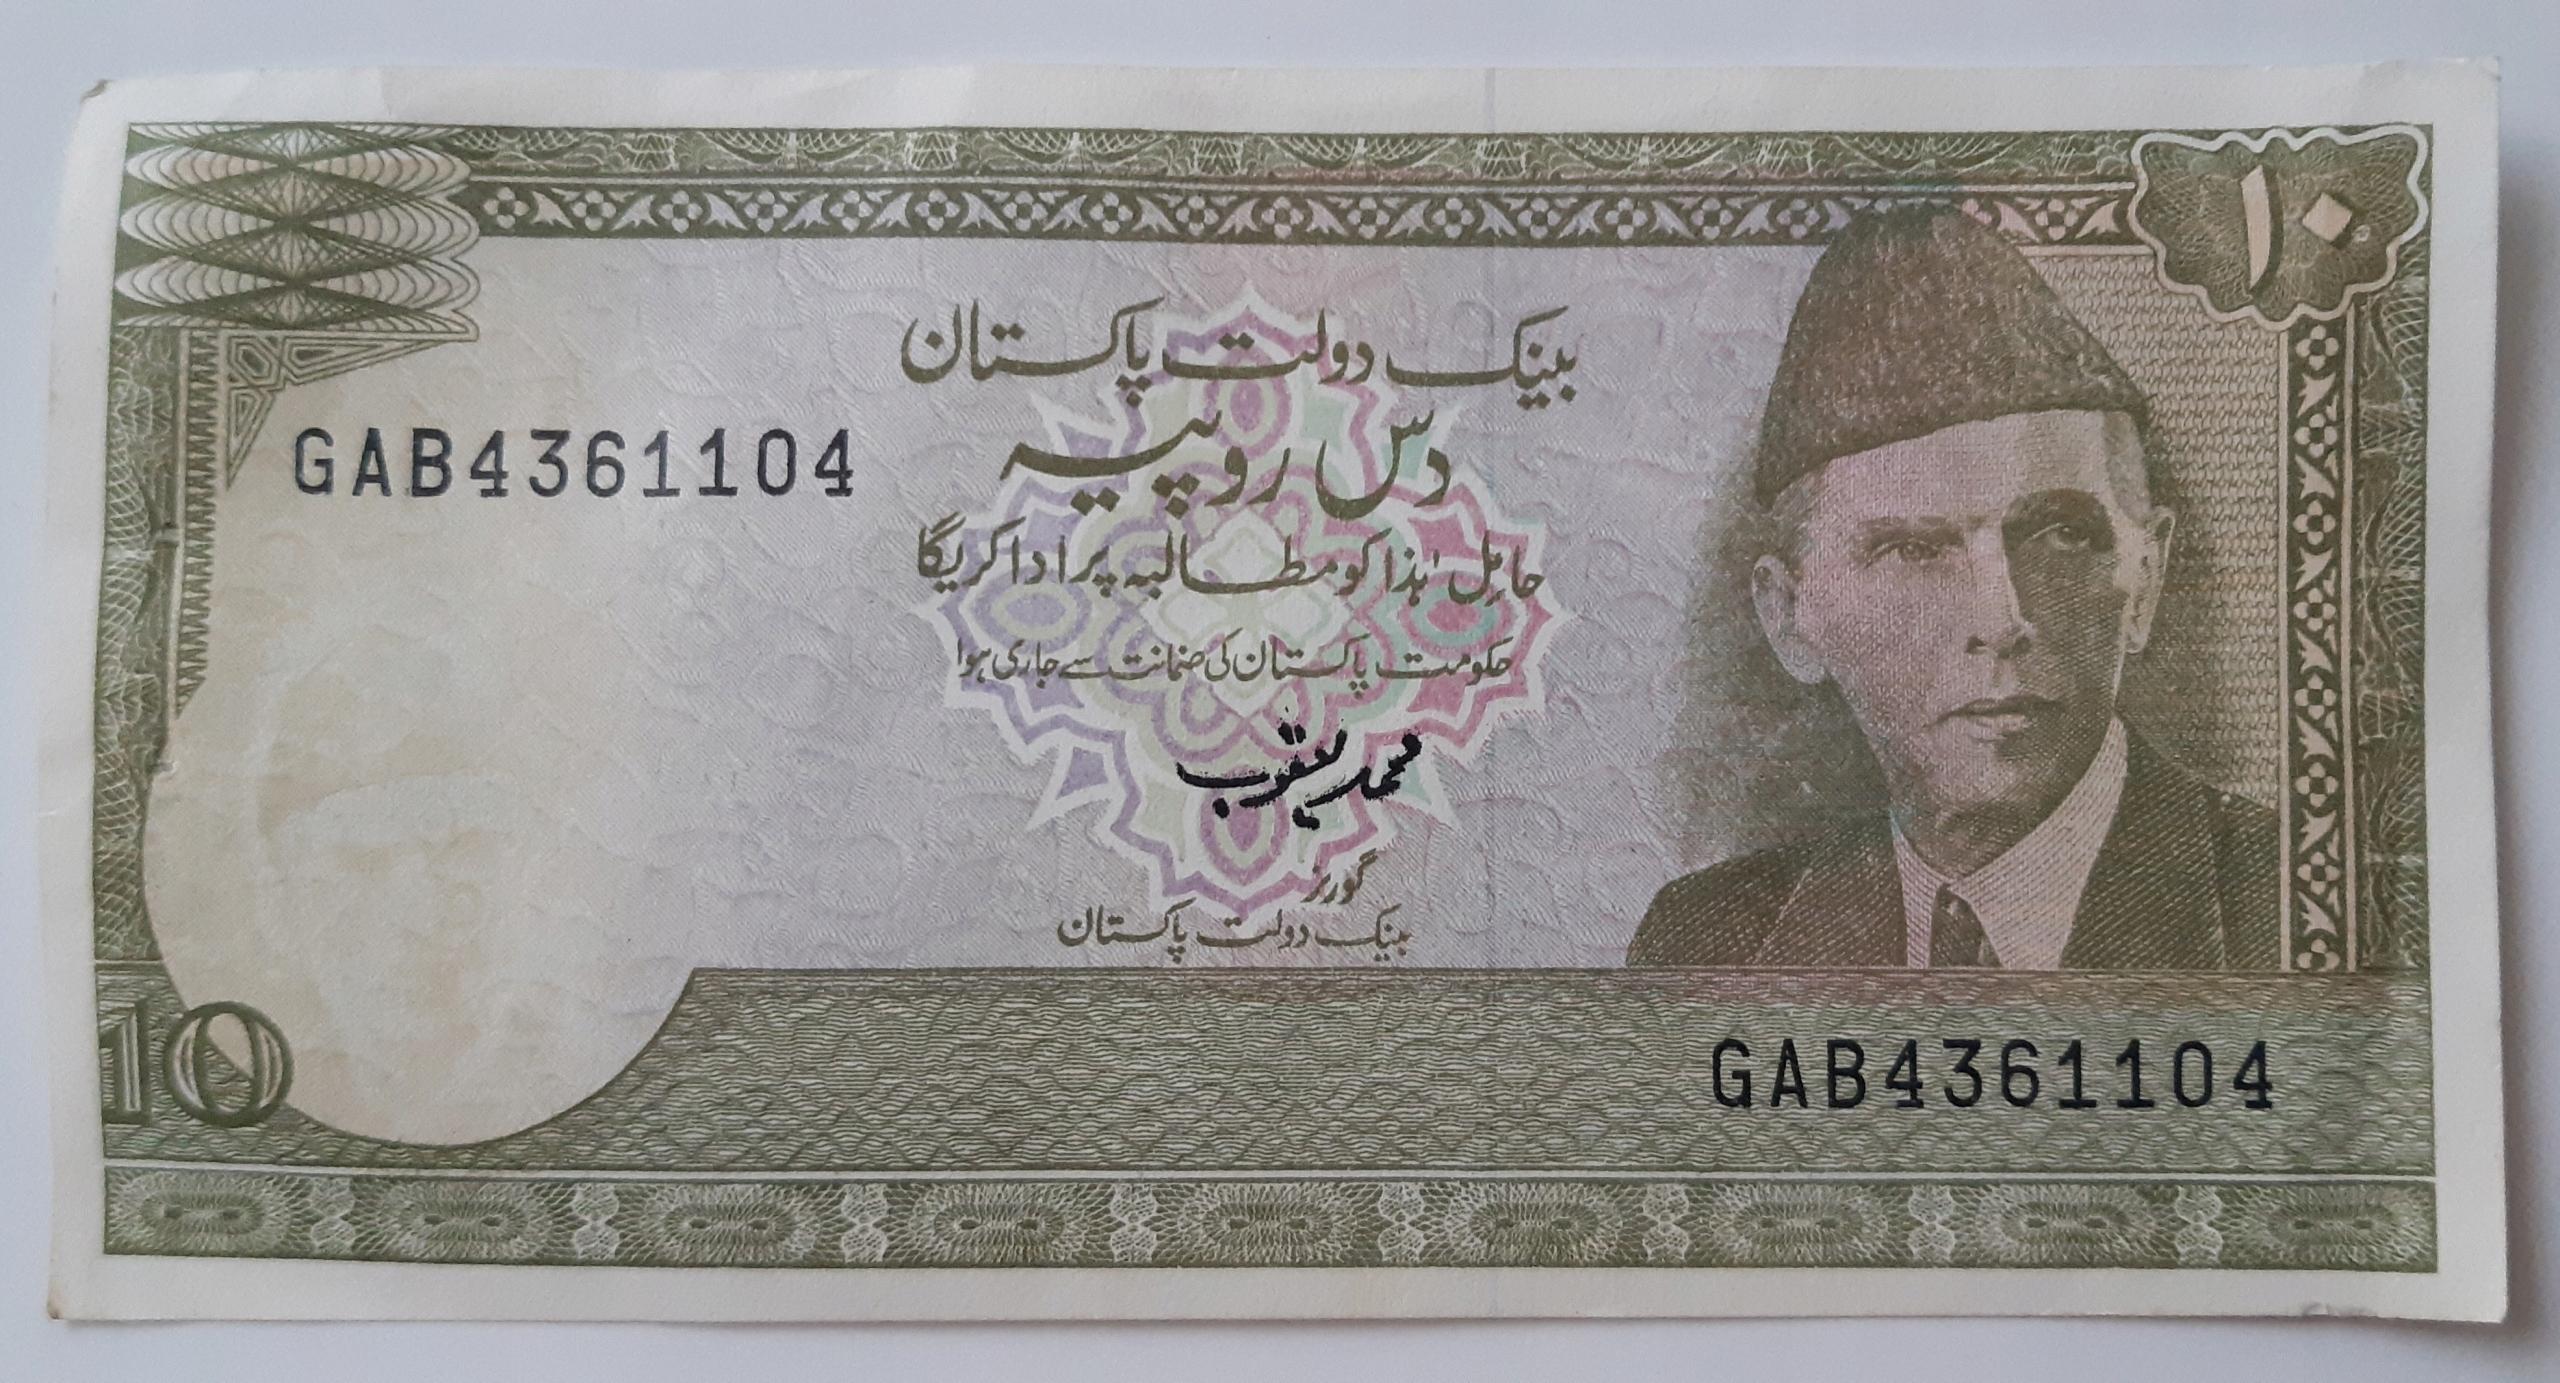 Банкнота достоинством 10 рупий, Пакистан, 1983 г.